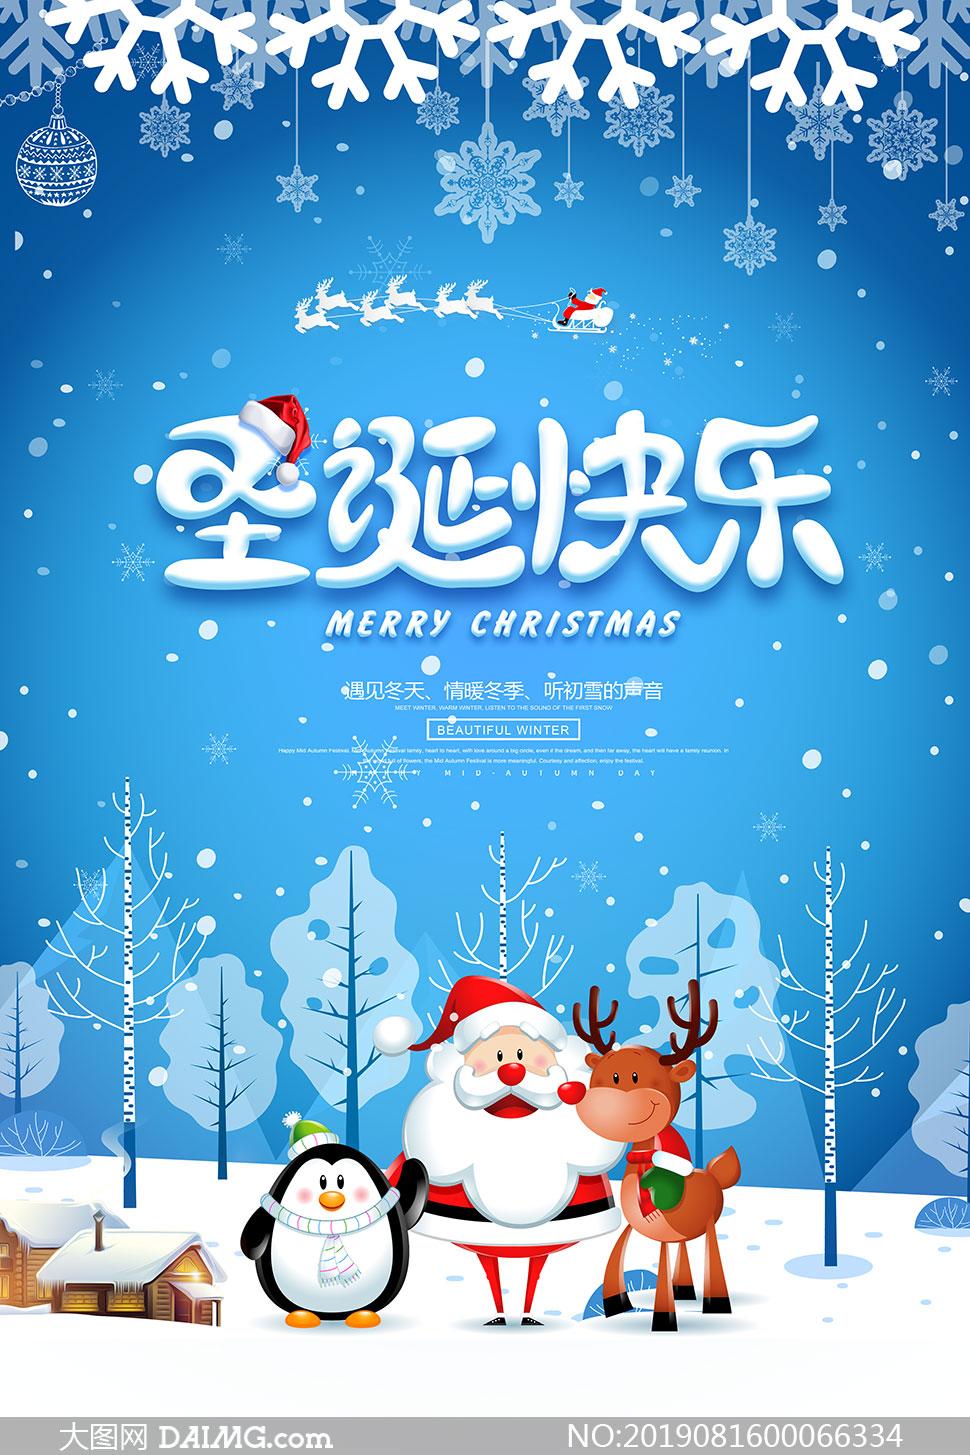 蓝色主题圣诞节海报设计PSD素材